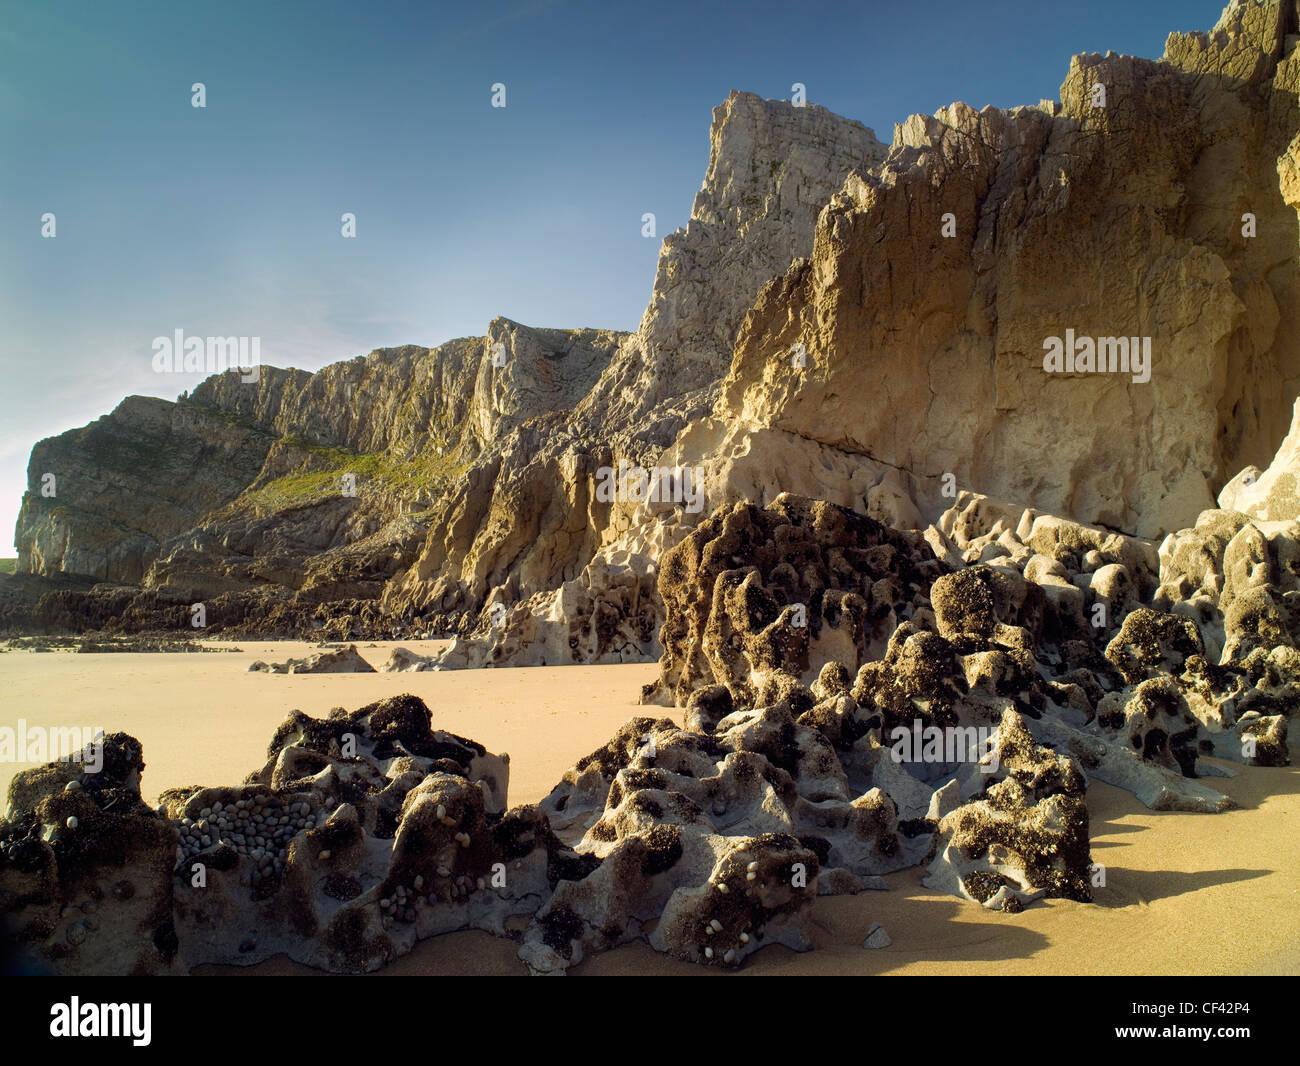 Goldstrand von verwitterten Felsen und majestätischen Klippen in der Mewslade Bucht. Stockfoto